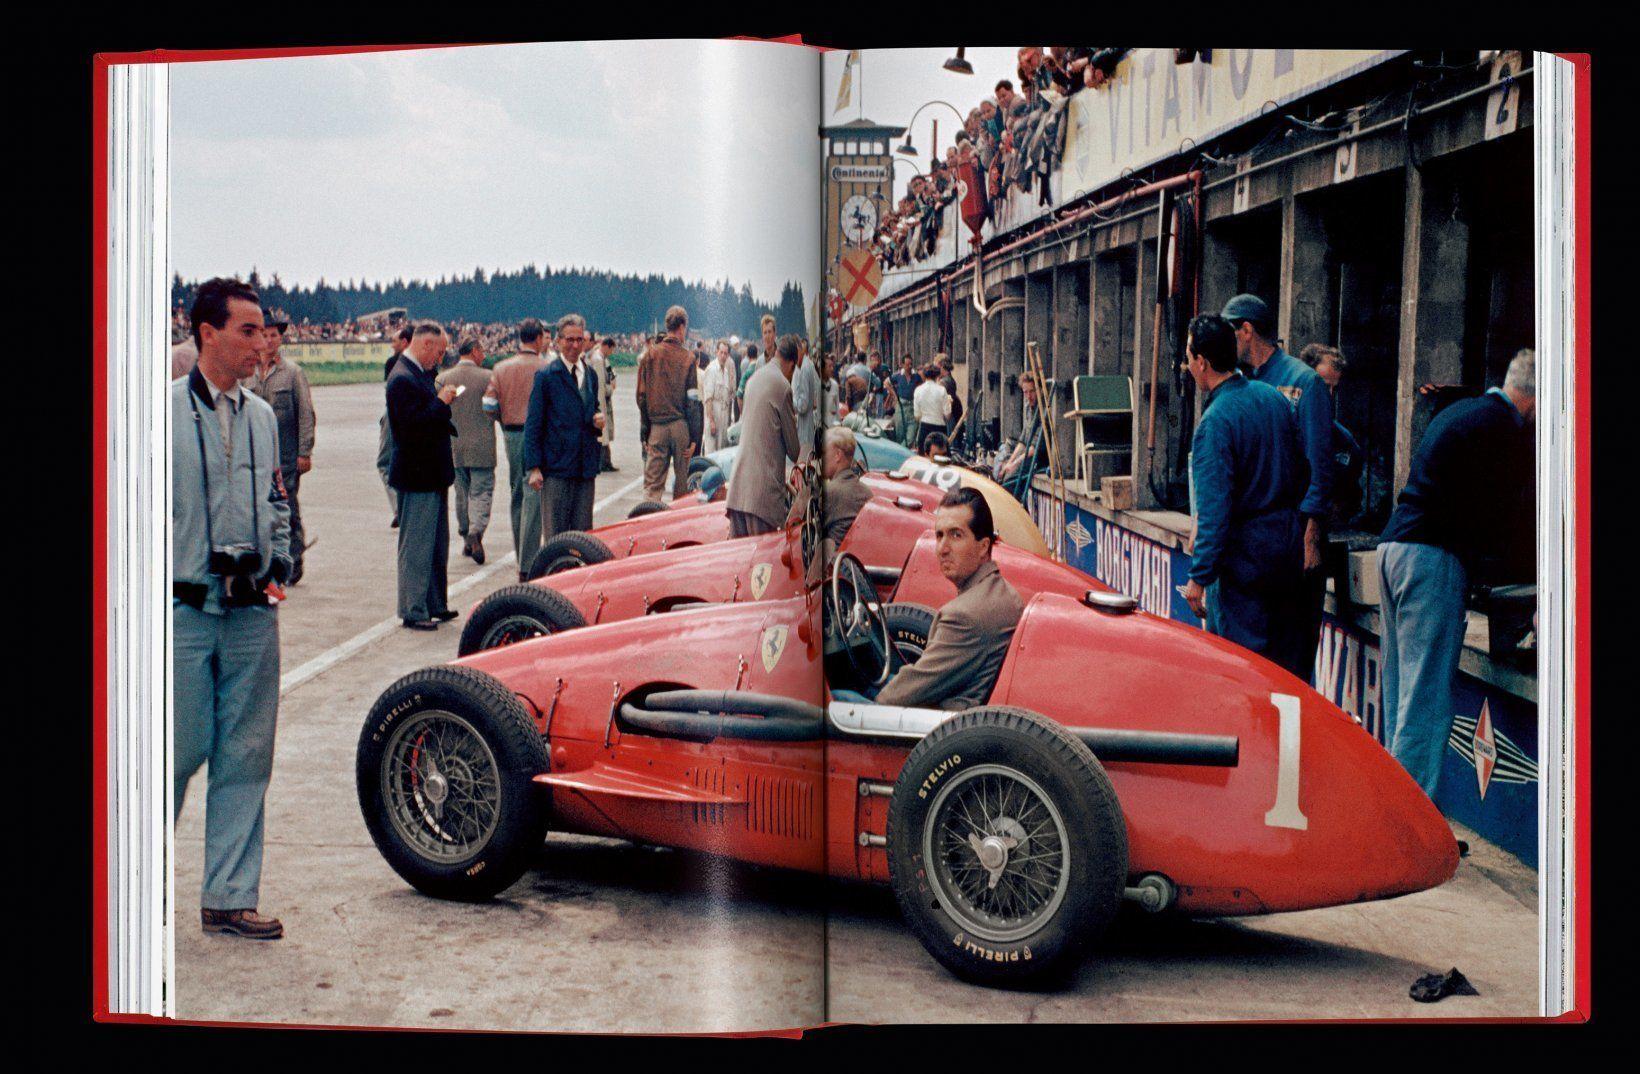 Ferrari Book race car picture